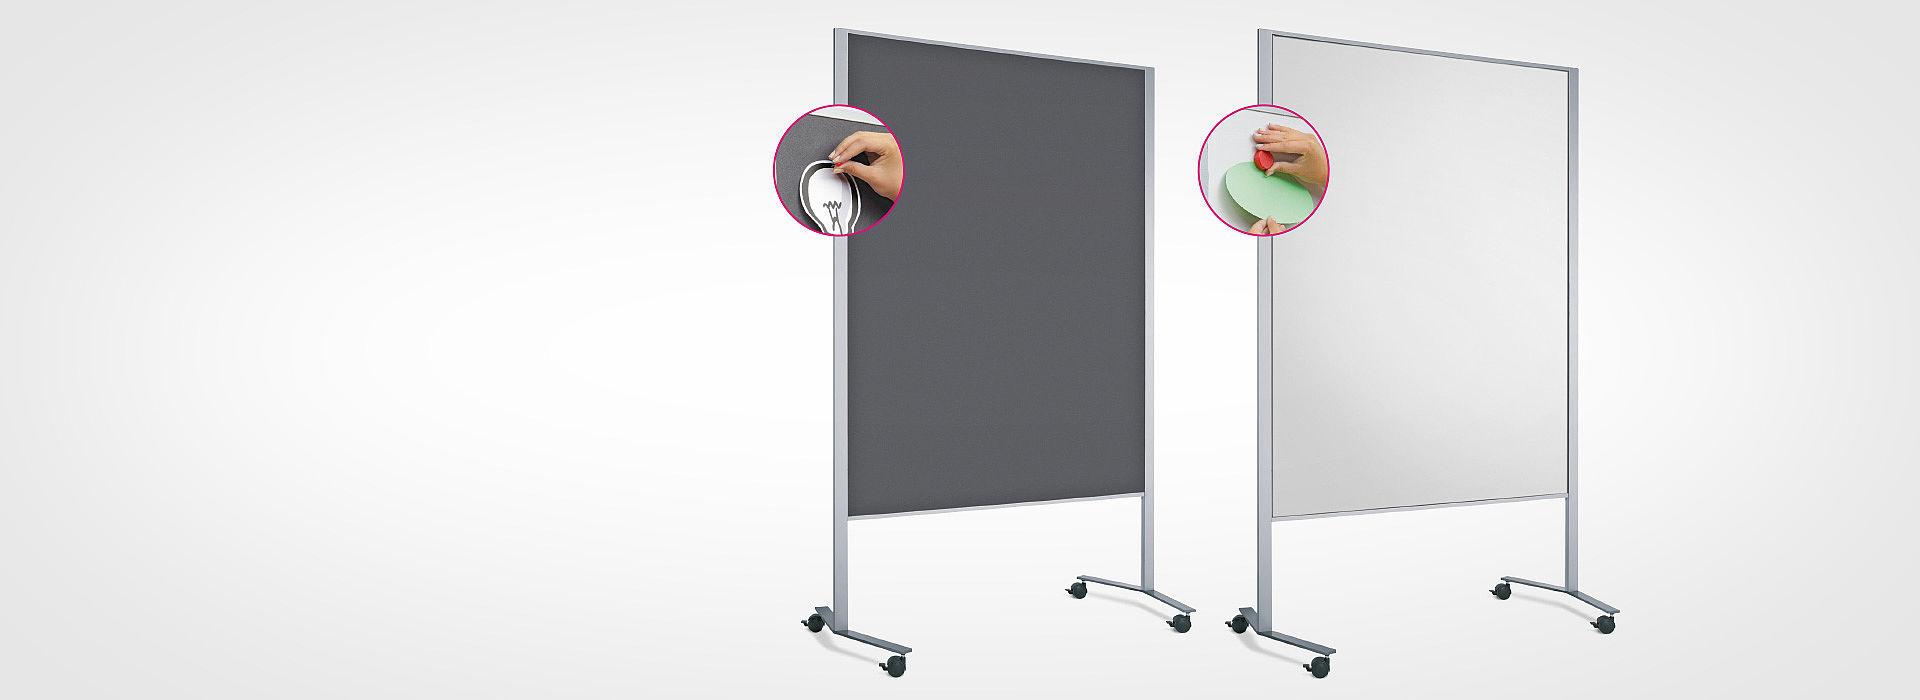 Bild: Schnelles Drehen der Tafelfläche für unterschiedliche Einsatzbereiche